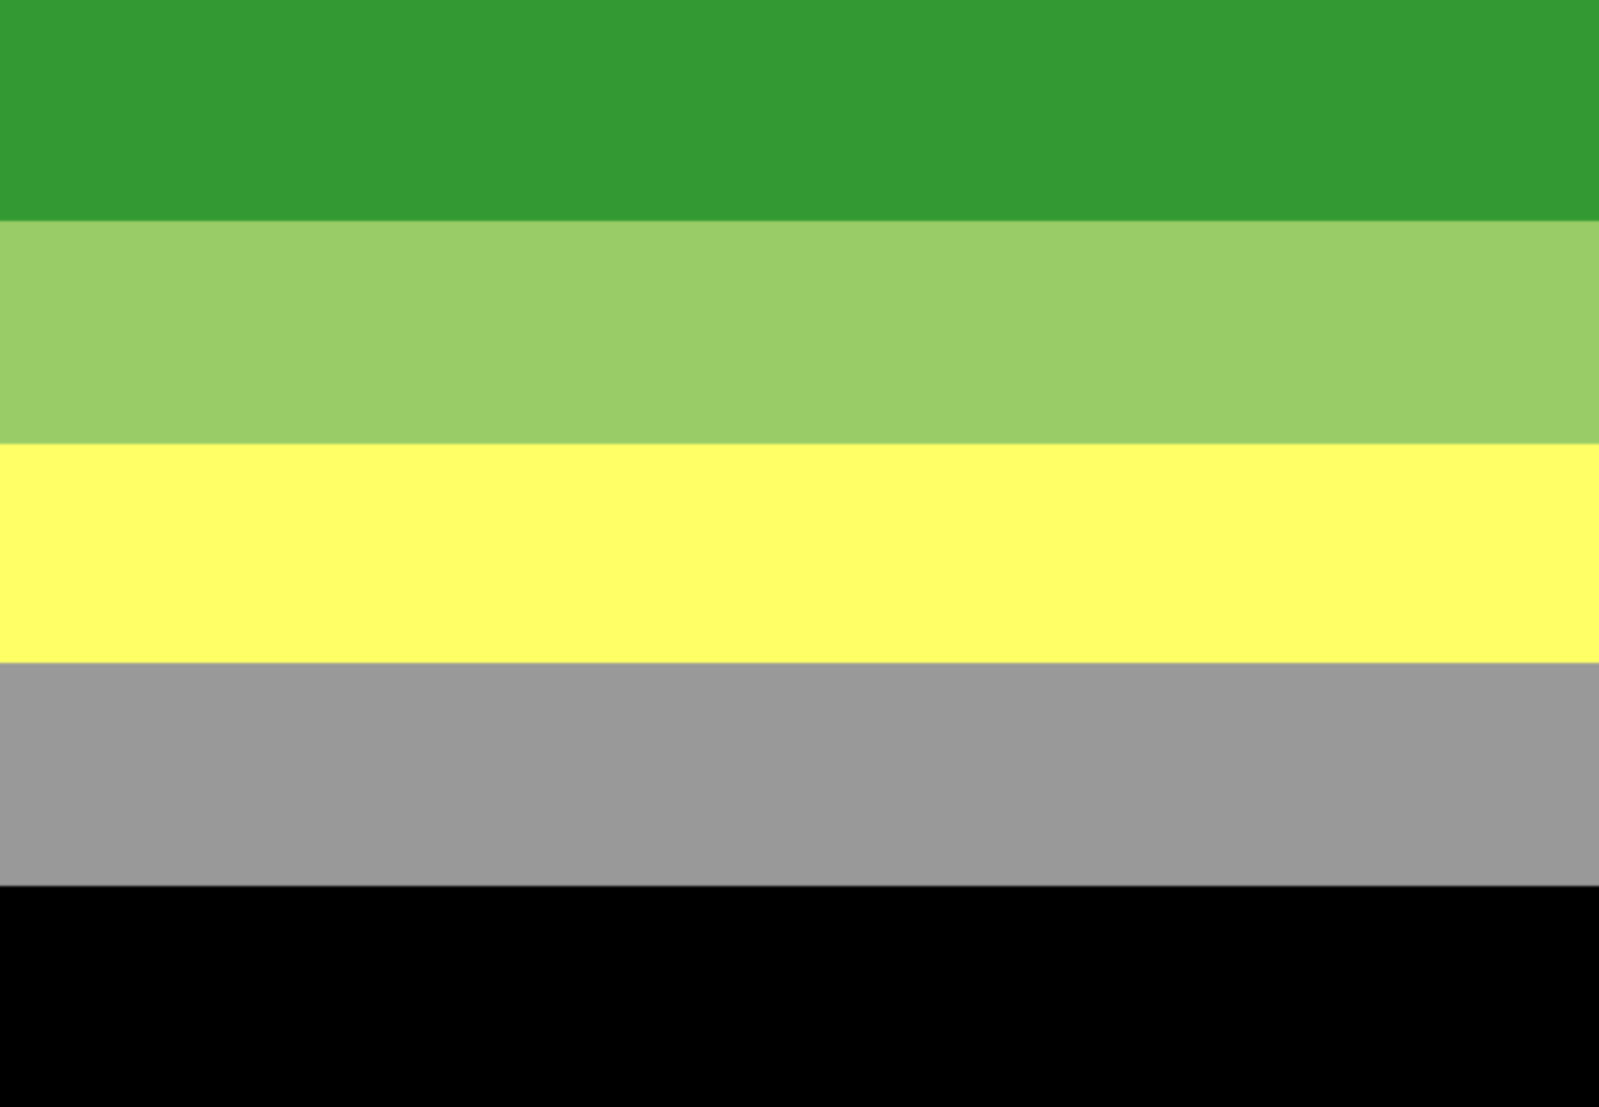 Significado de la bandera asexual plants